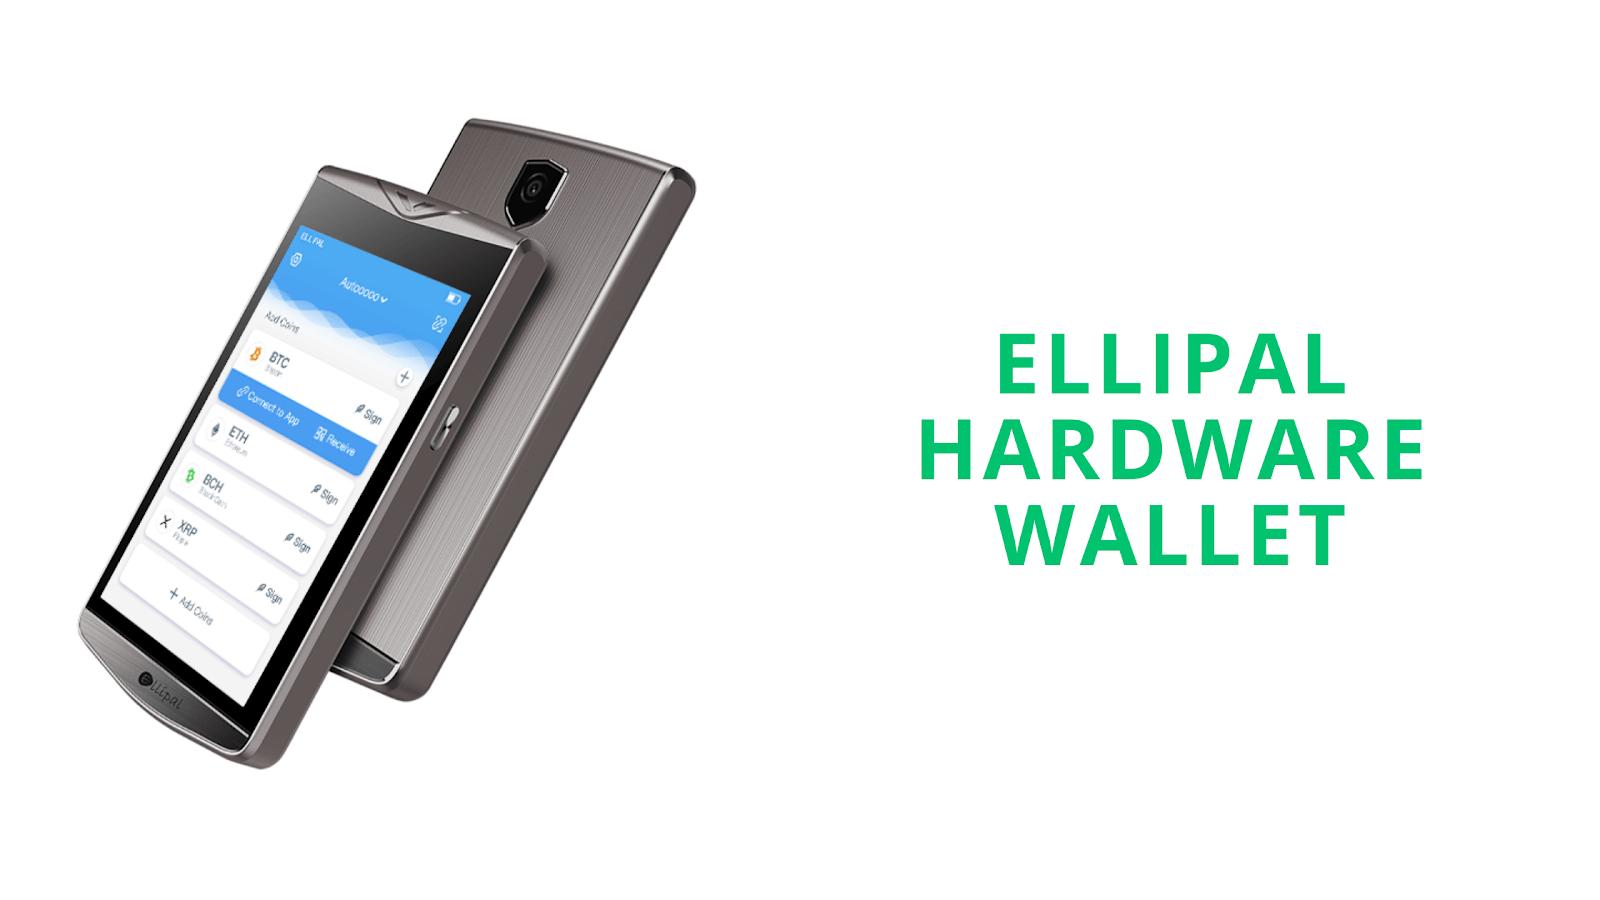 Ellipal Hardware Wallet